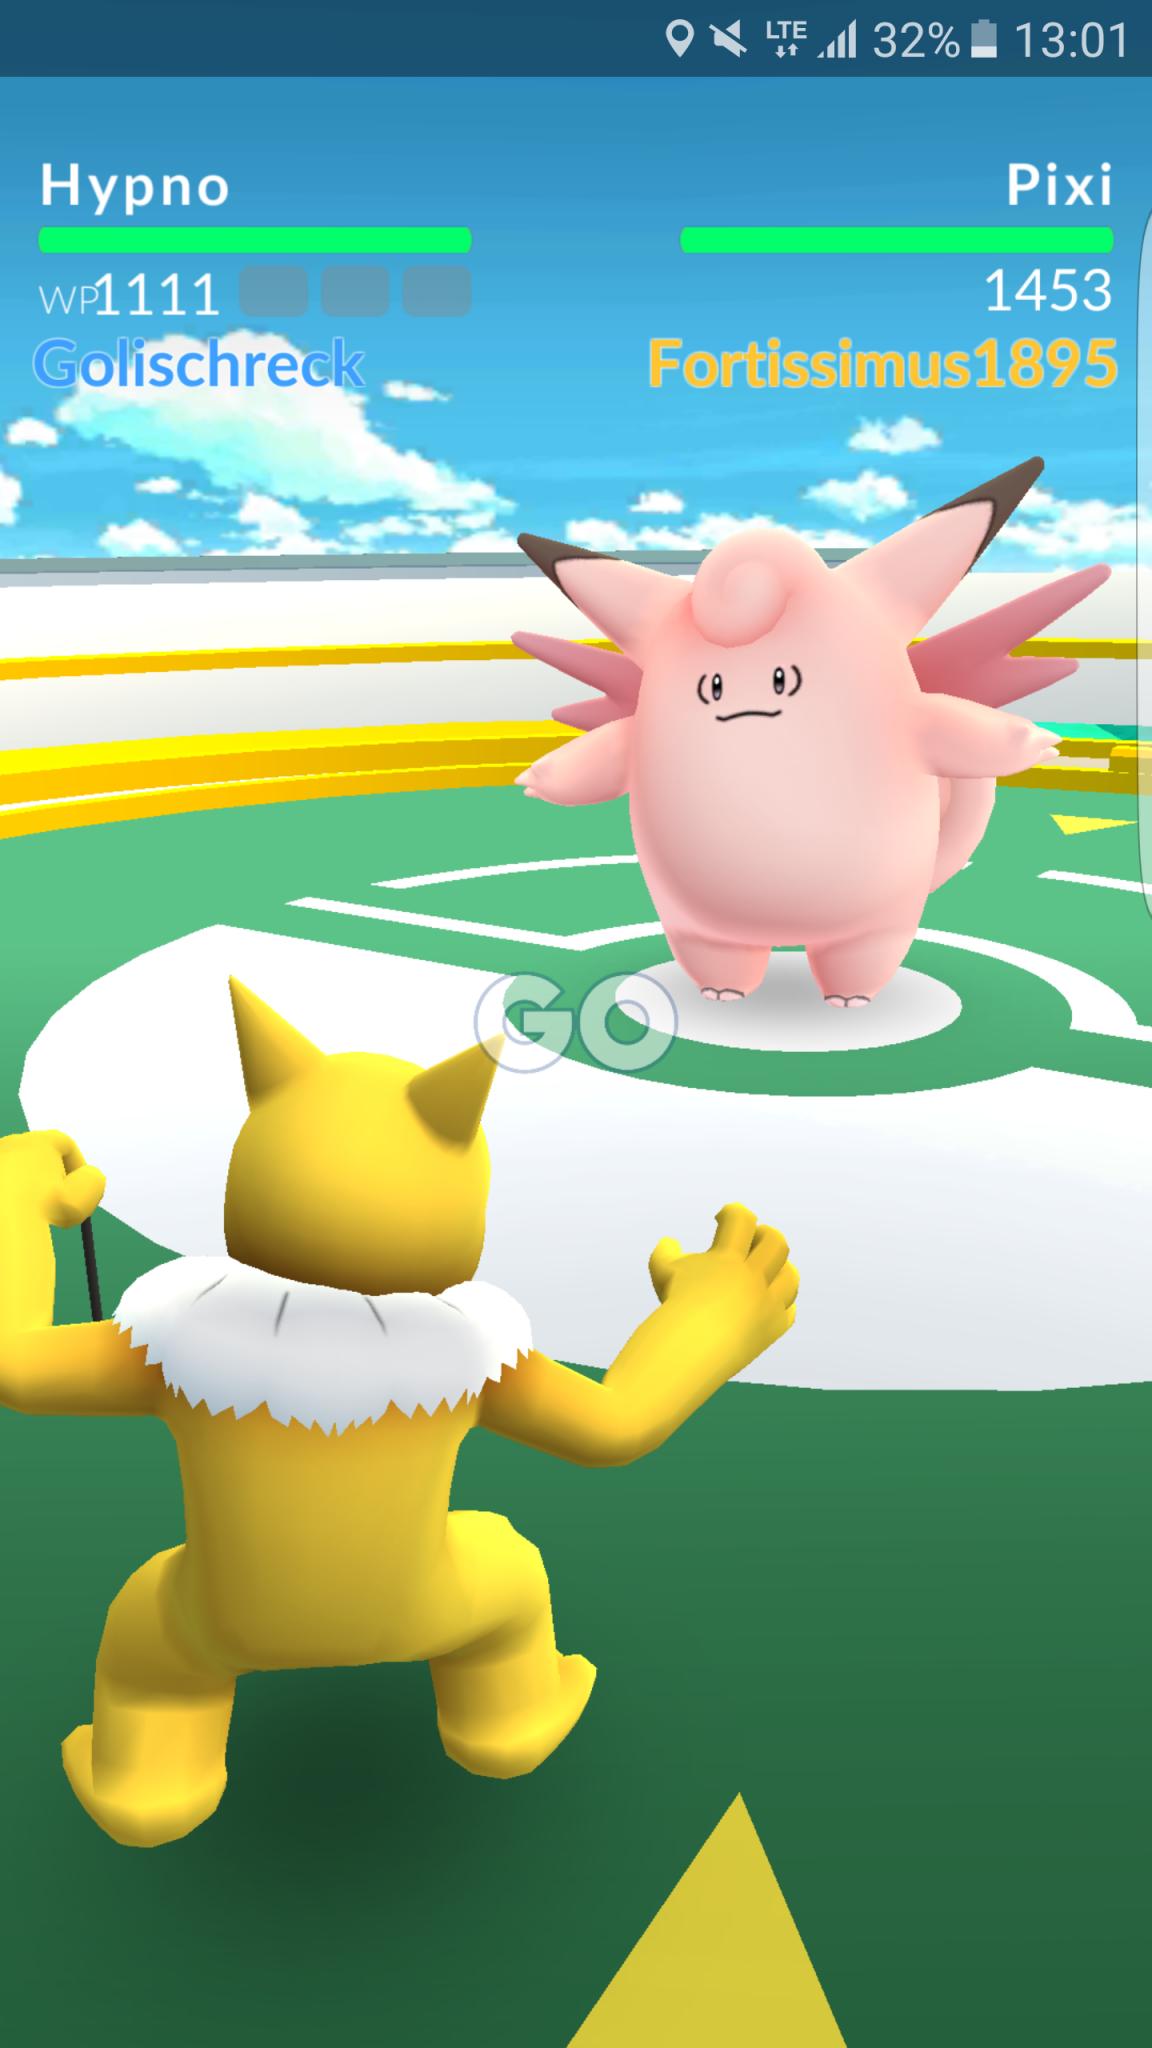 Pokémon Go: Zwei Pokémons kämpfen in einer Arena gegeneinander